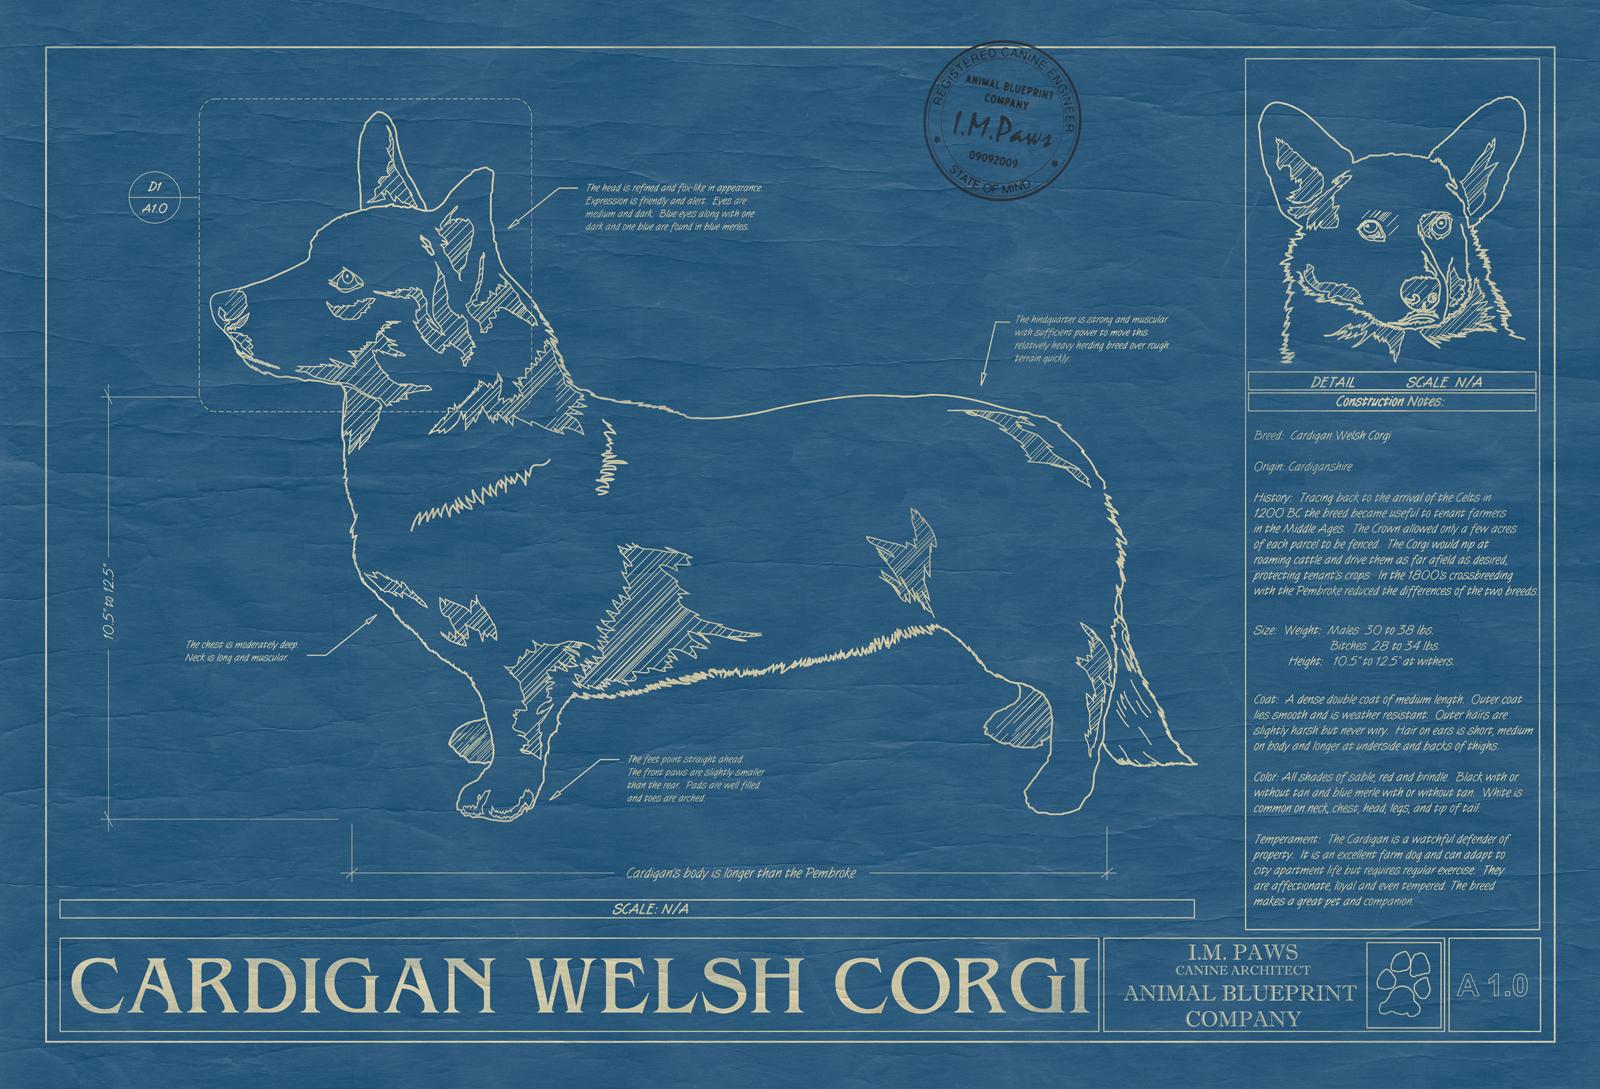 Corgi cardigan welsh animal blueprint company cardigan welsh corgi dog blueprint malvernweather Images